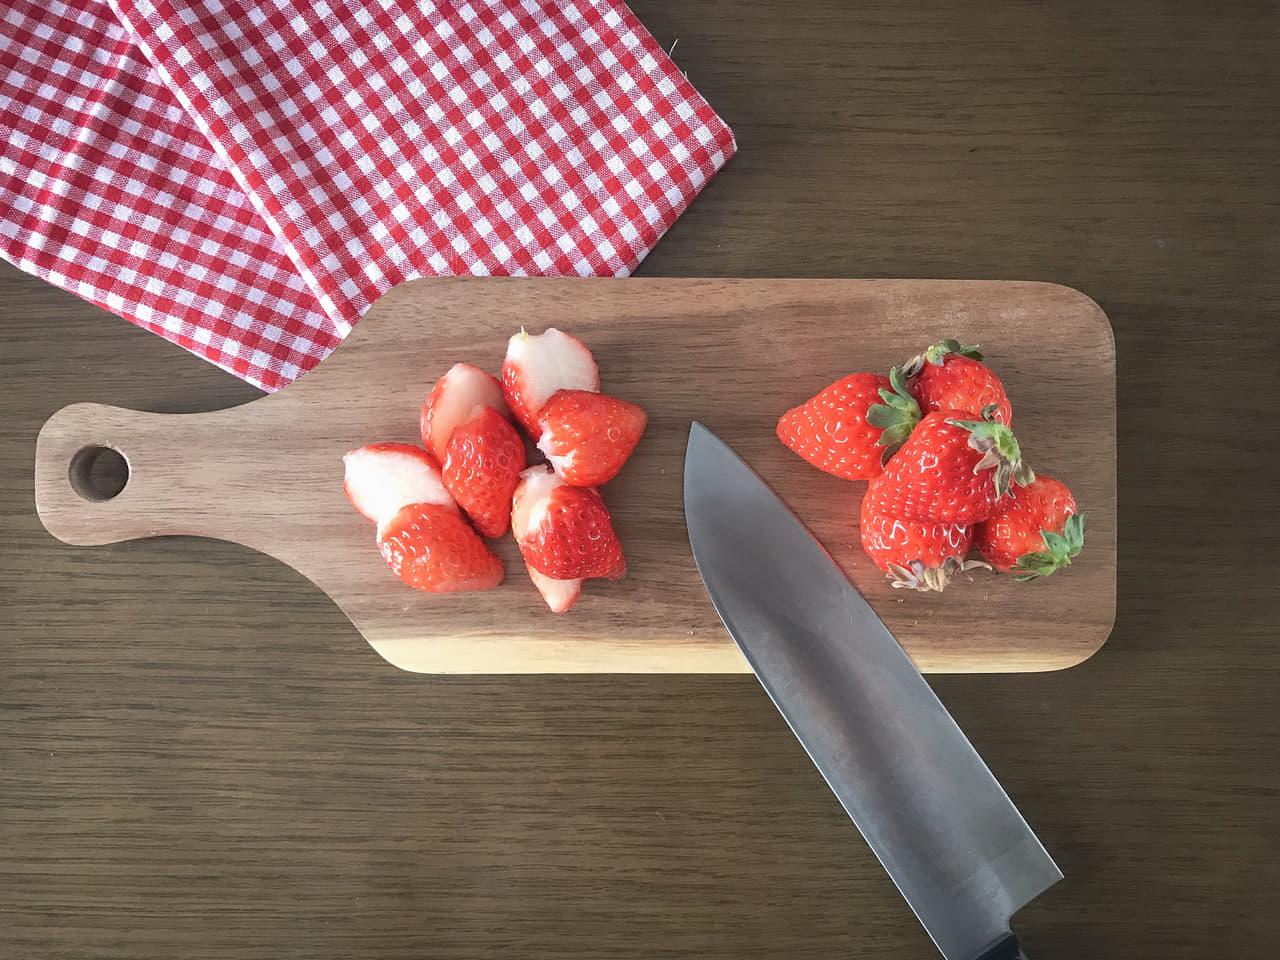 イチゴと包丁